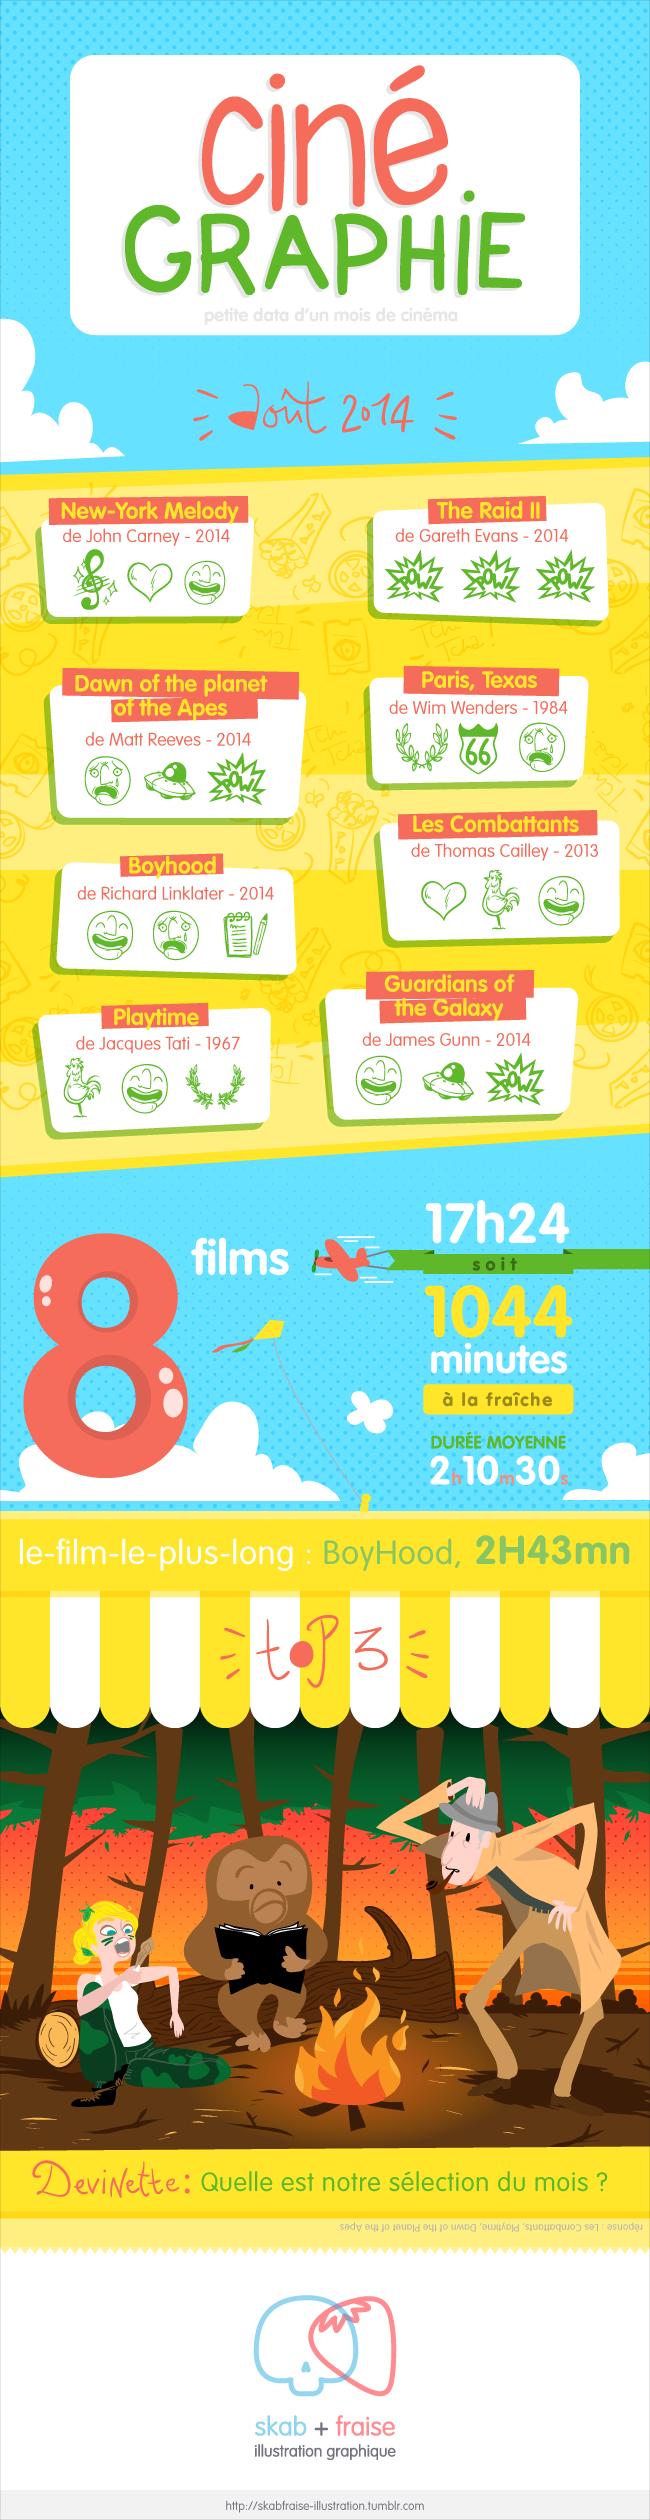 Cinégraphie : Aout 2014 -  Un mois de ciné par skab+fraise - http://skabfraise.tumblr.com